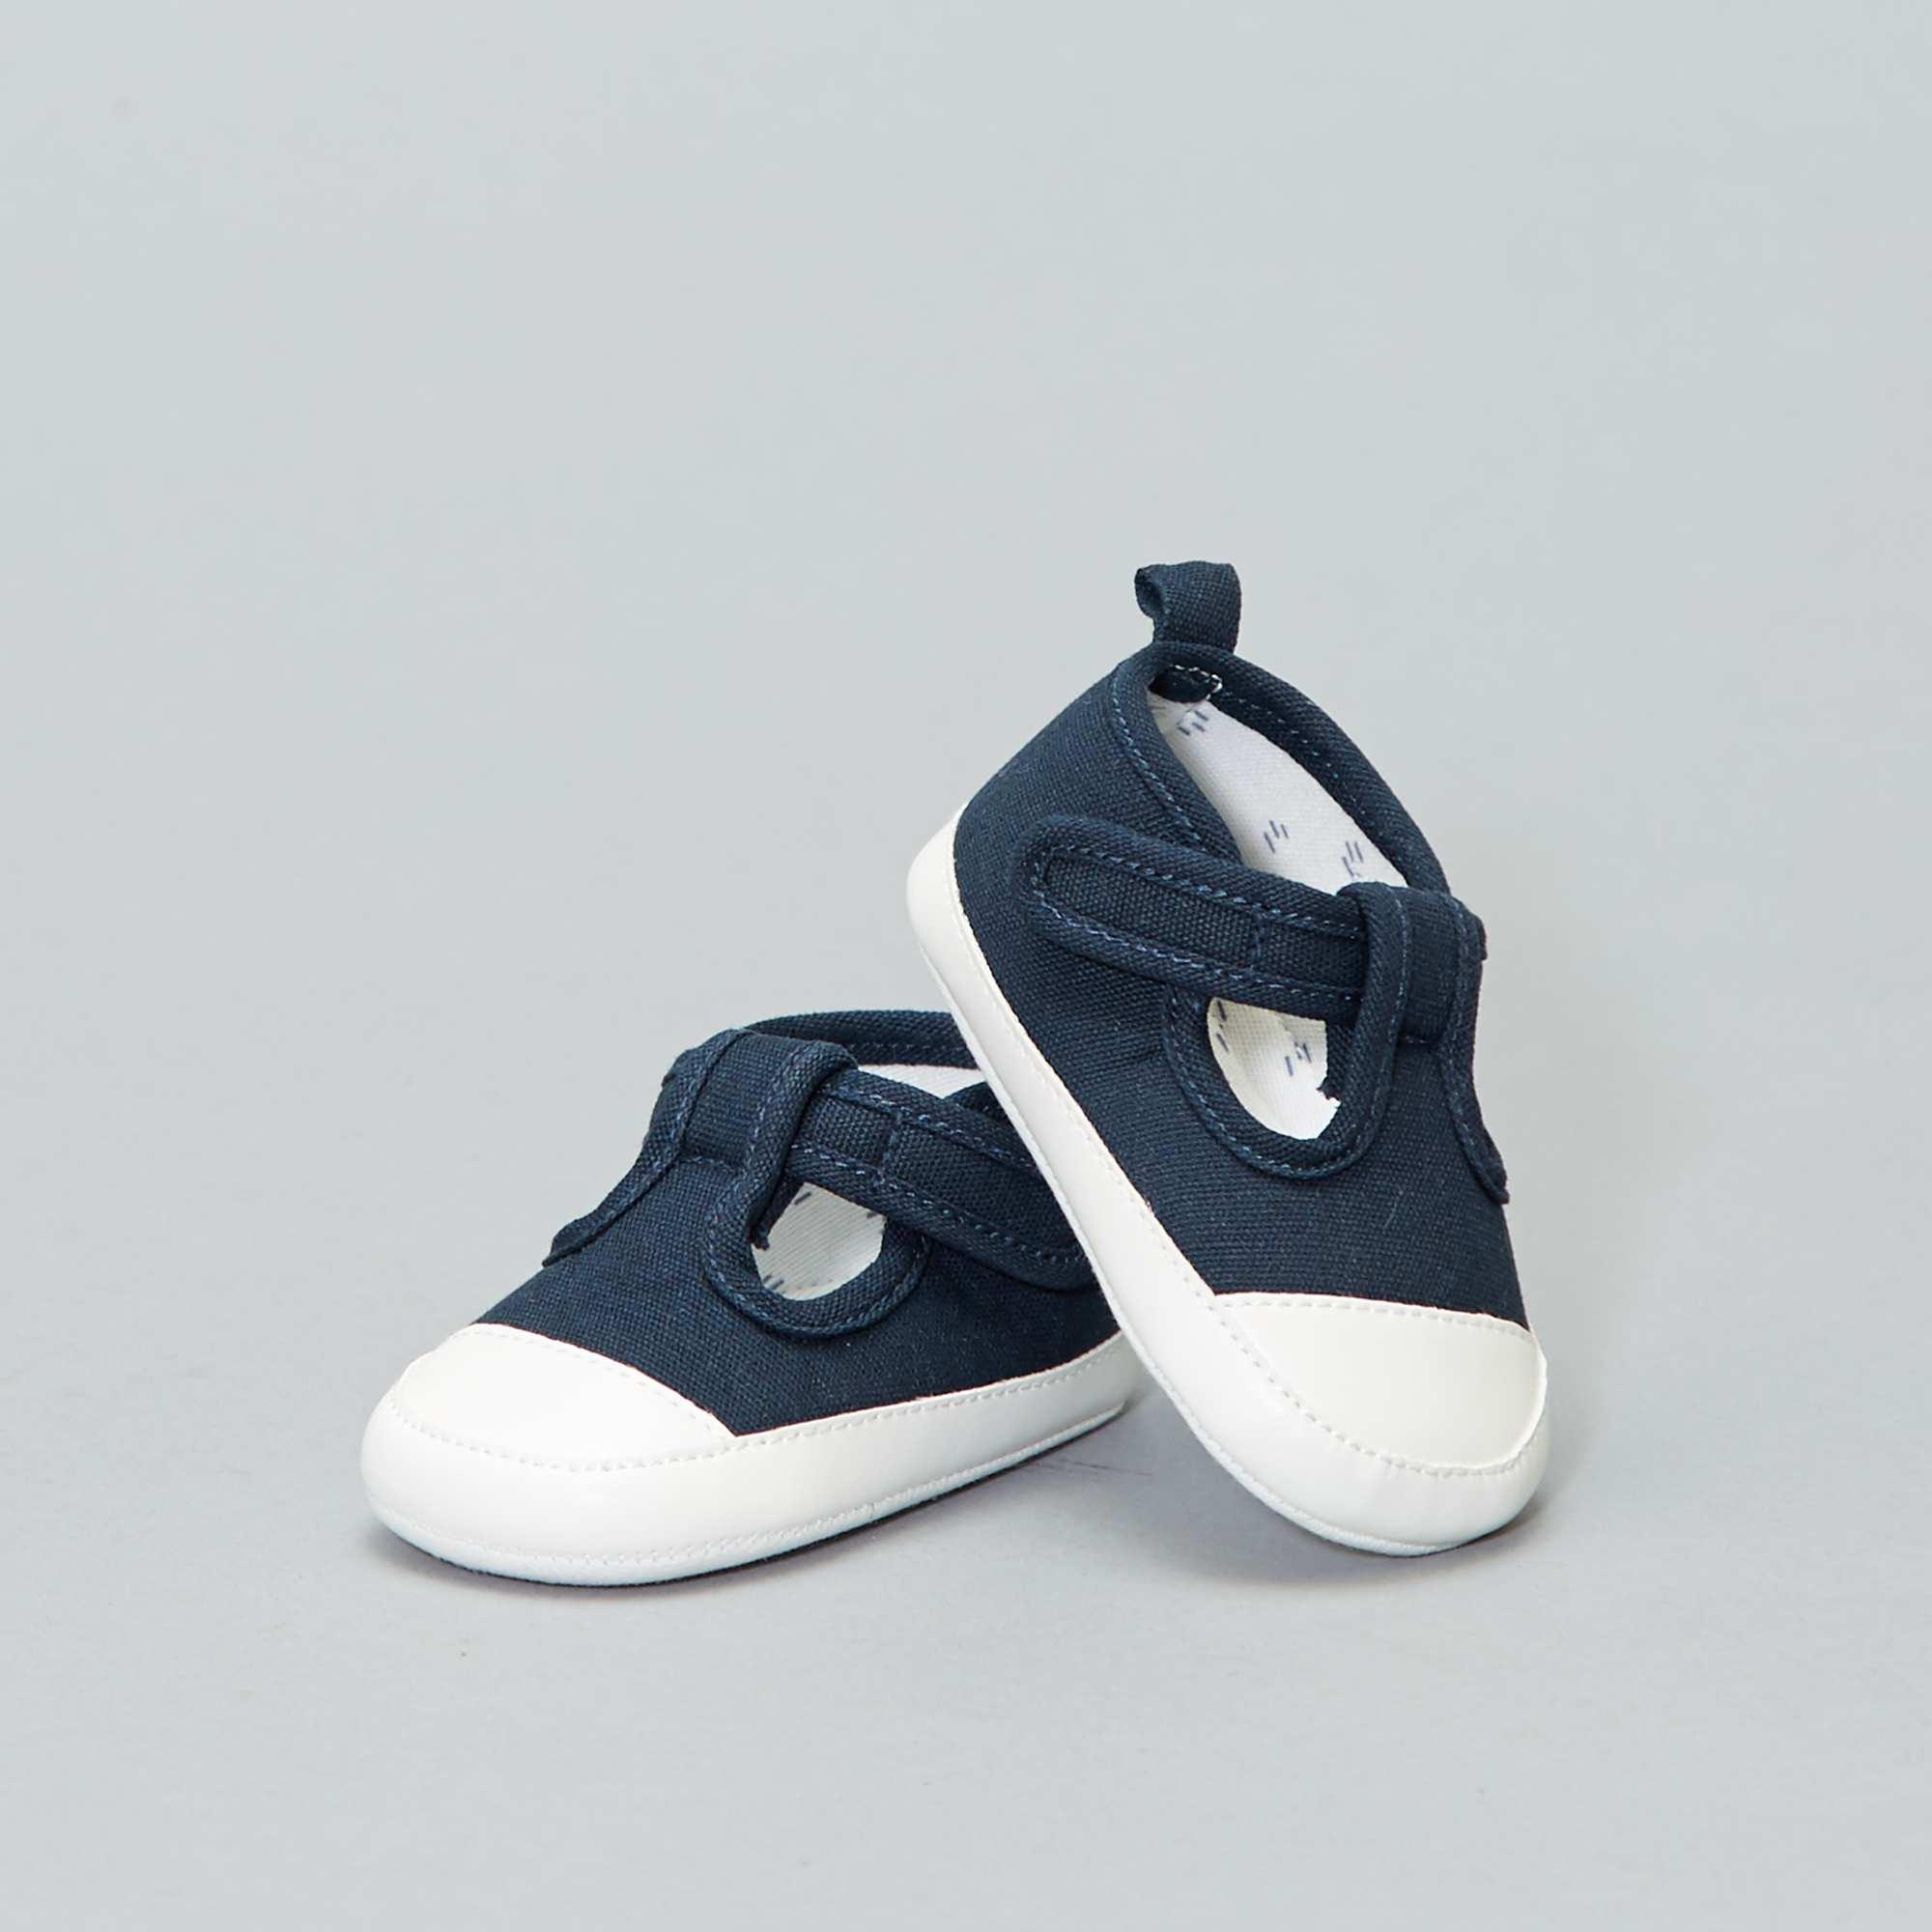 633876715ae43 Chaussure en toile cérémonie Bébé garçon - BLANC - Kiabi - 4